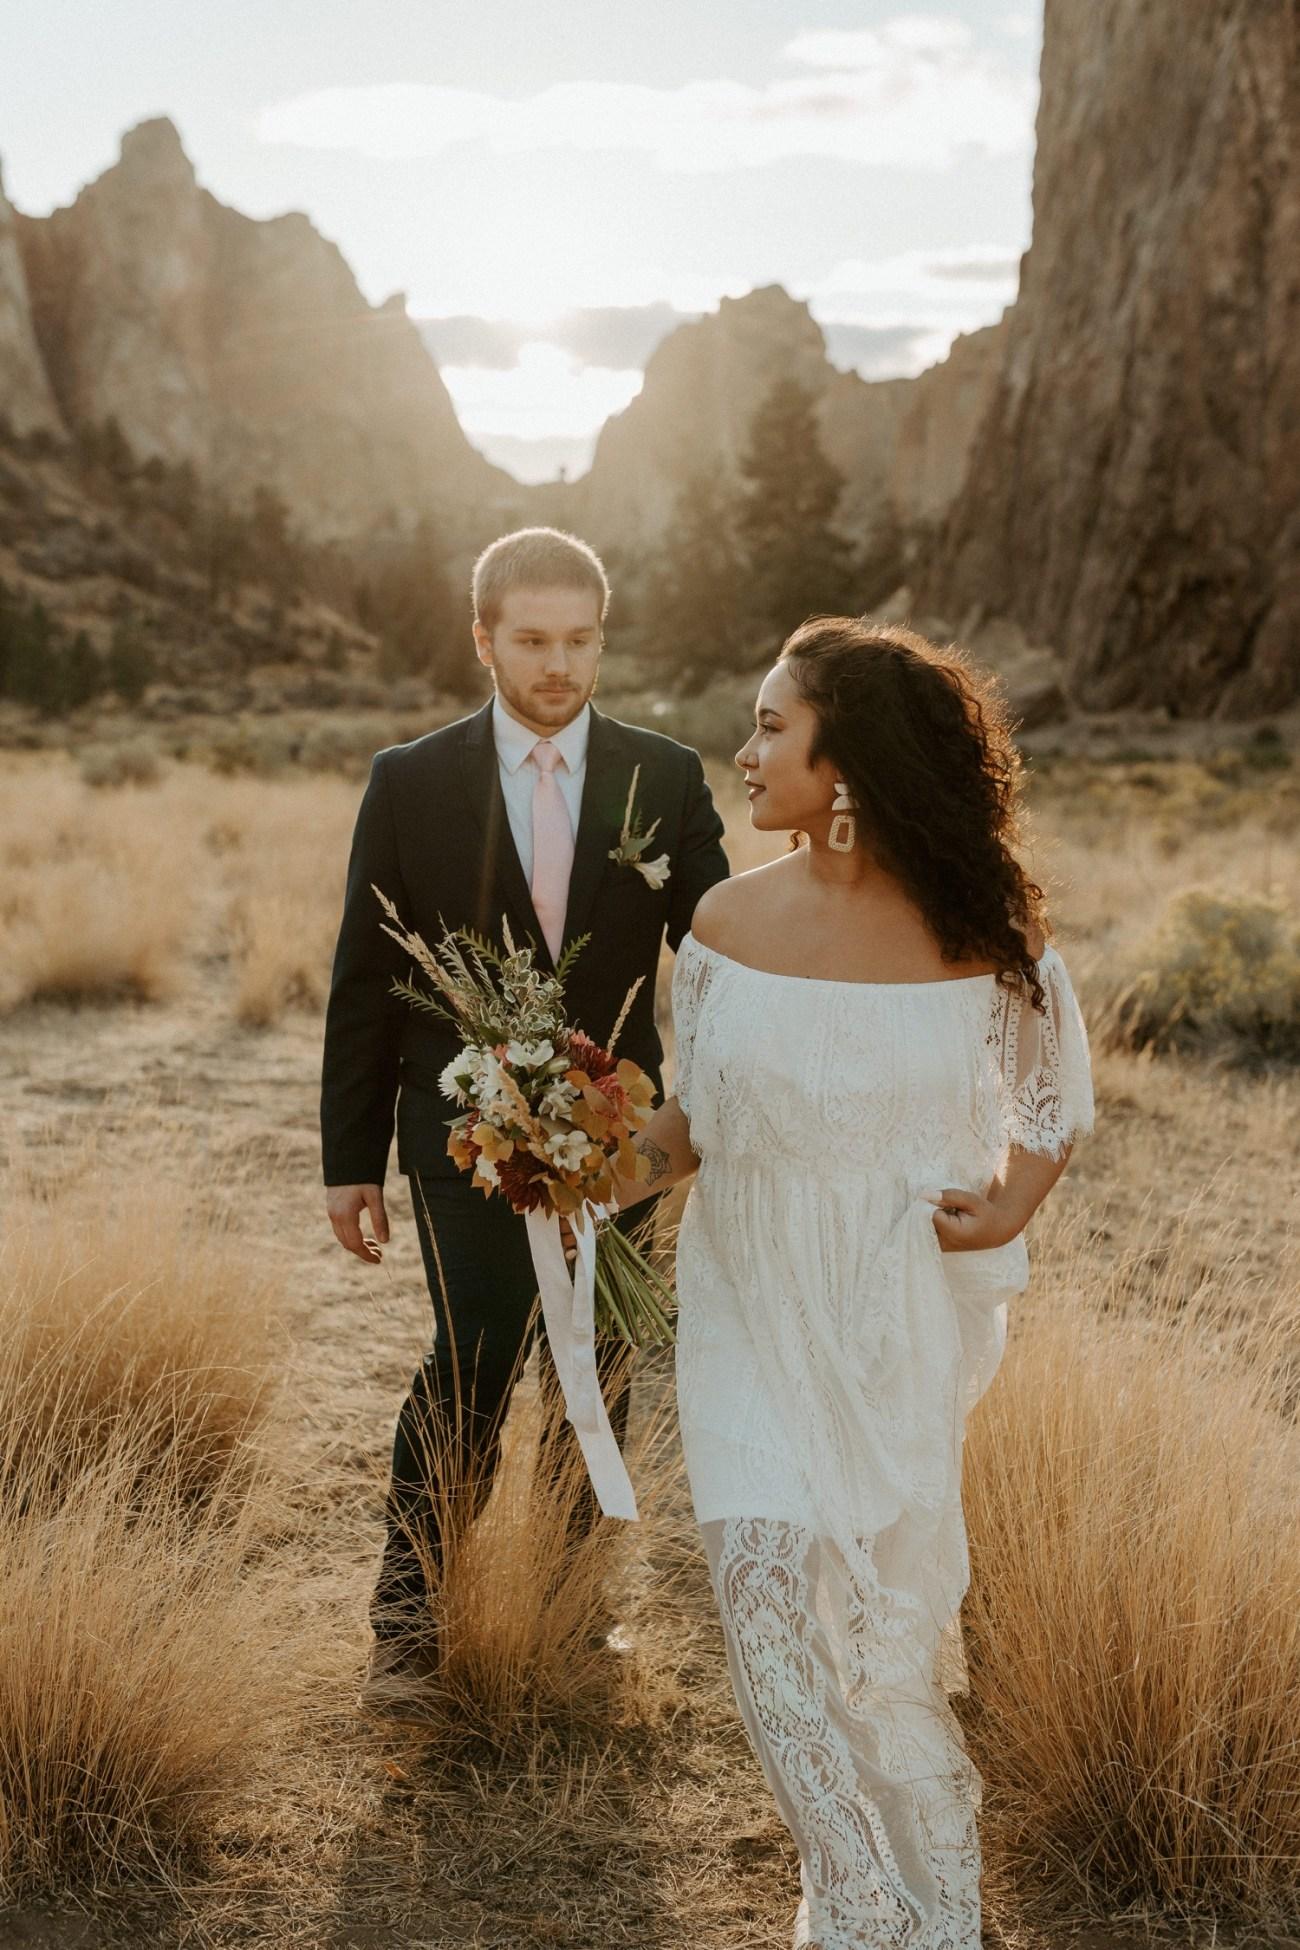 Smith Rock Elopement Bend Elopement Photographer Bend Wedding Photographer Fall Bend Wedding Anais Possamai Photography 032